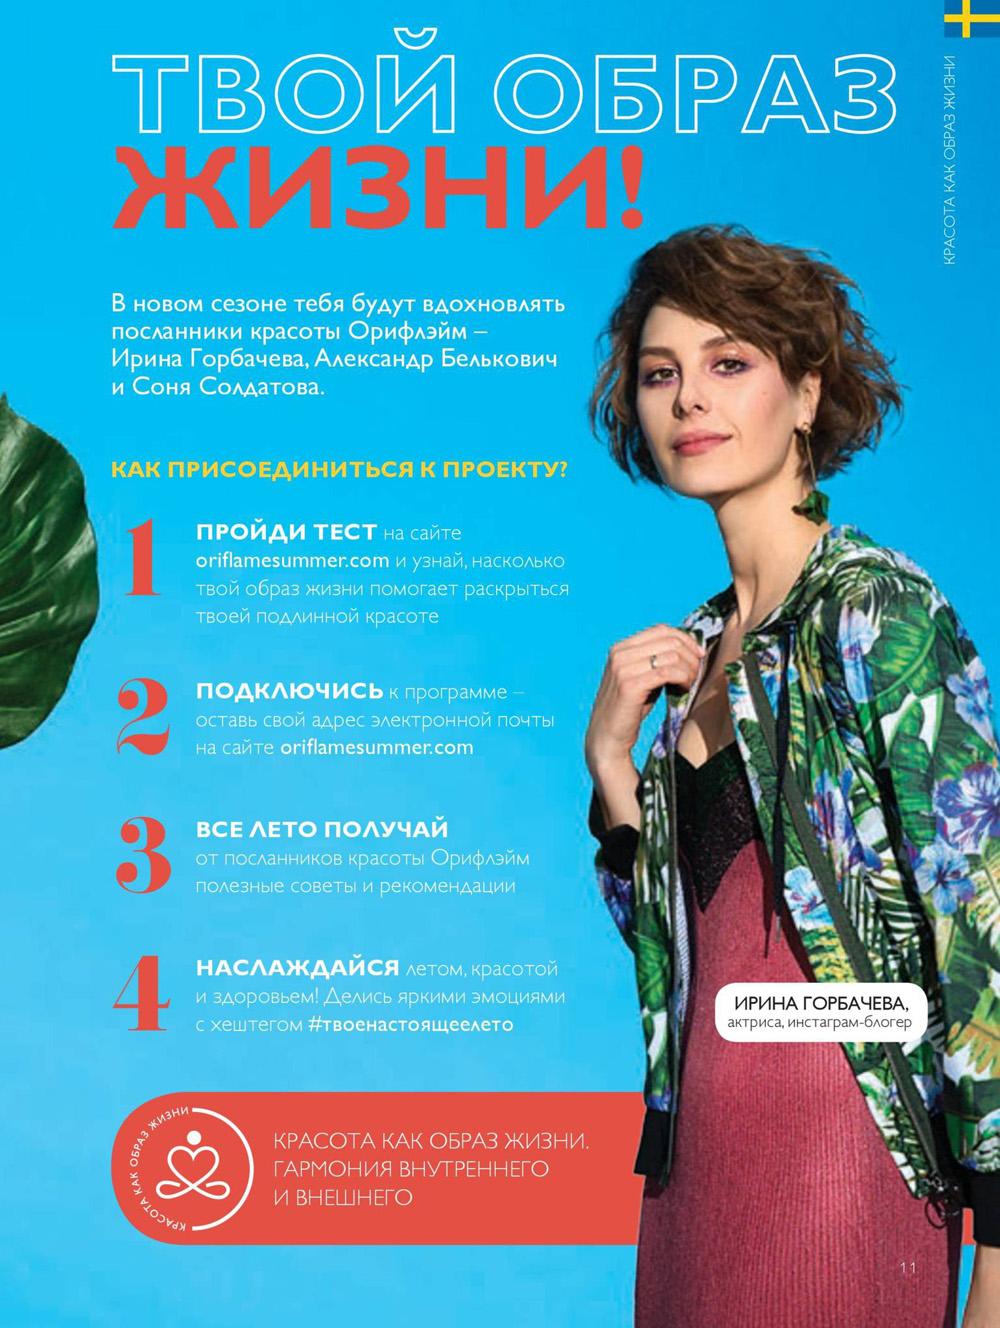 Старица 11, книга красоты Орифлейм Лето 2018, Россия